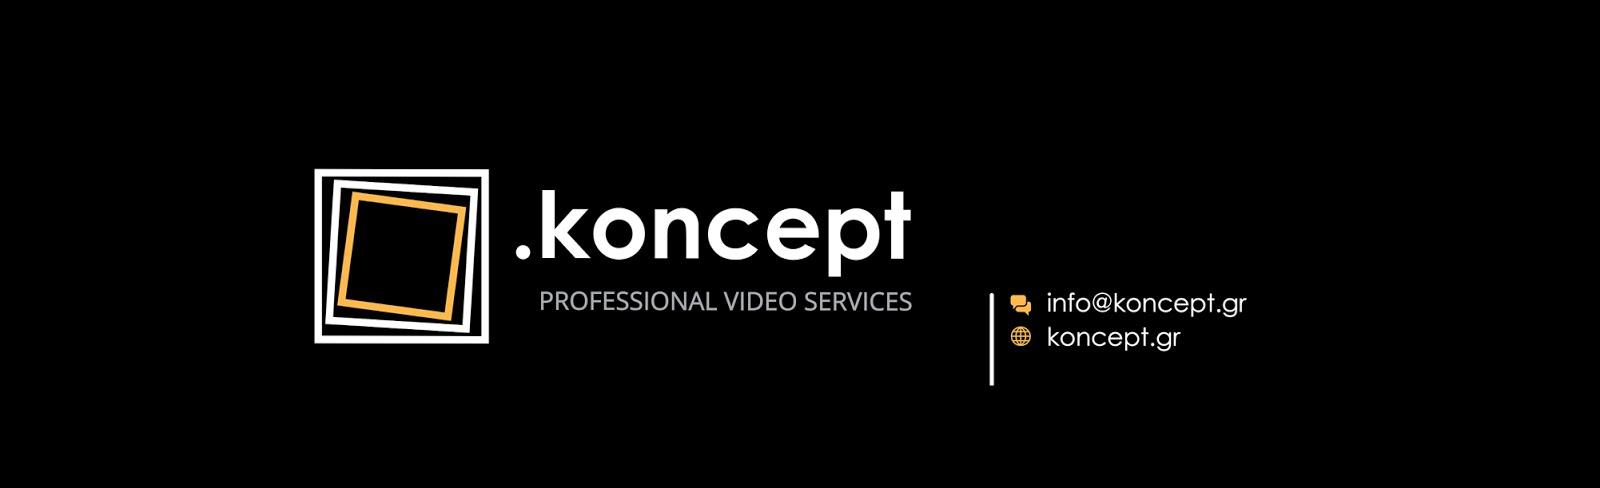 konscept